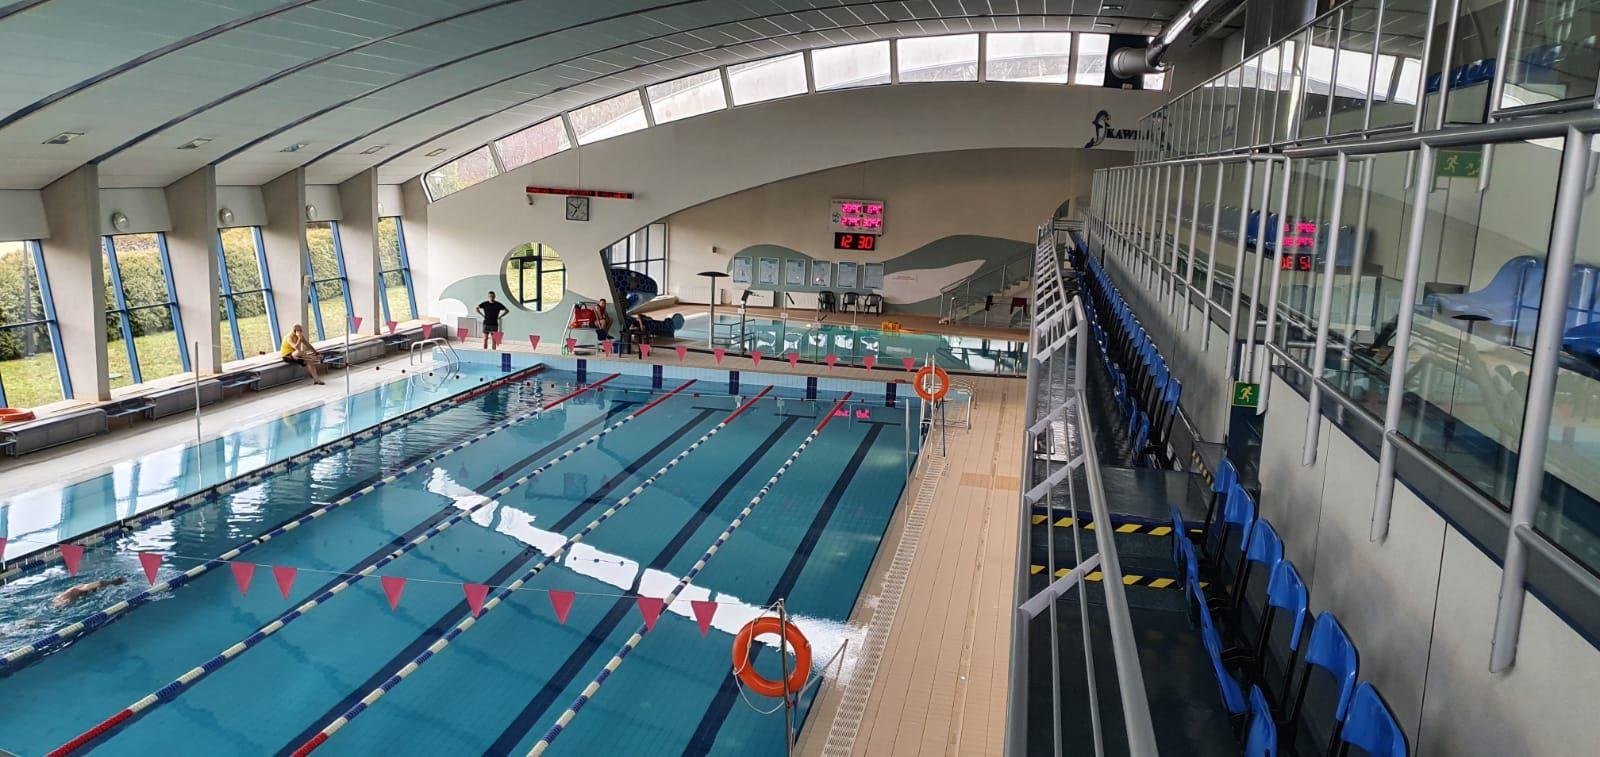 Kolejny basen podaje datę ponownego otwarcia